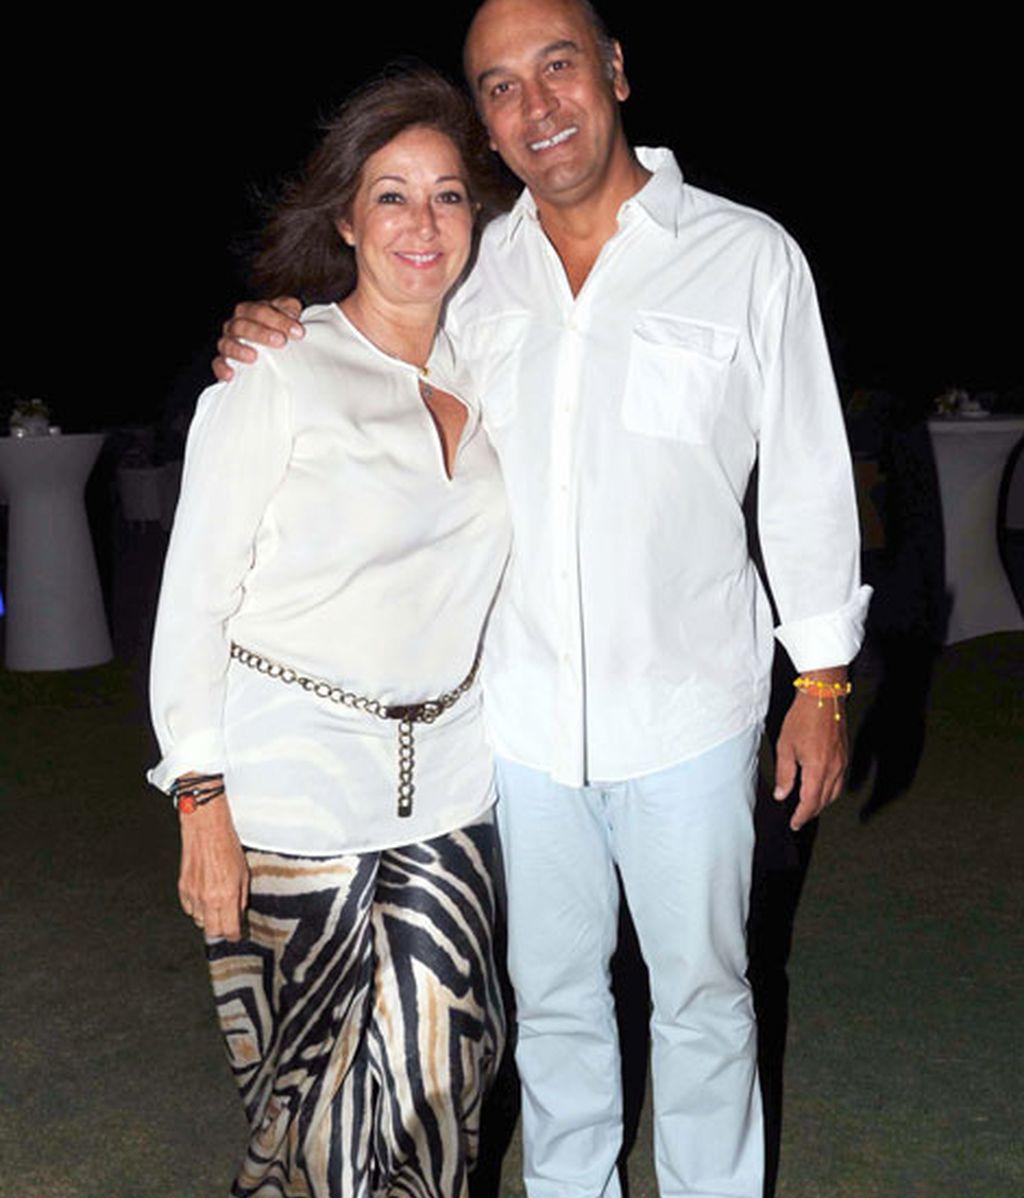 Ana Rosa Quintana y su marido, Juan Muñoz, acudieron perfectamente conjuntados